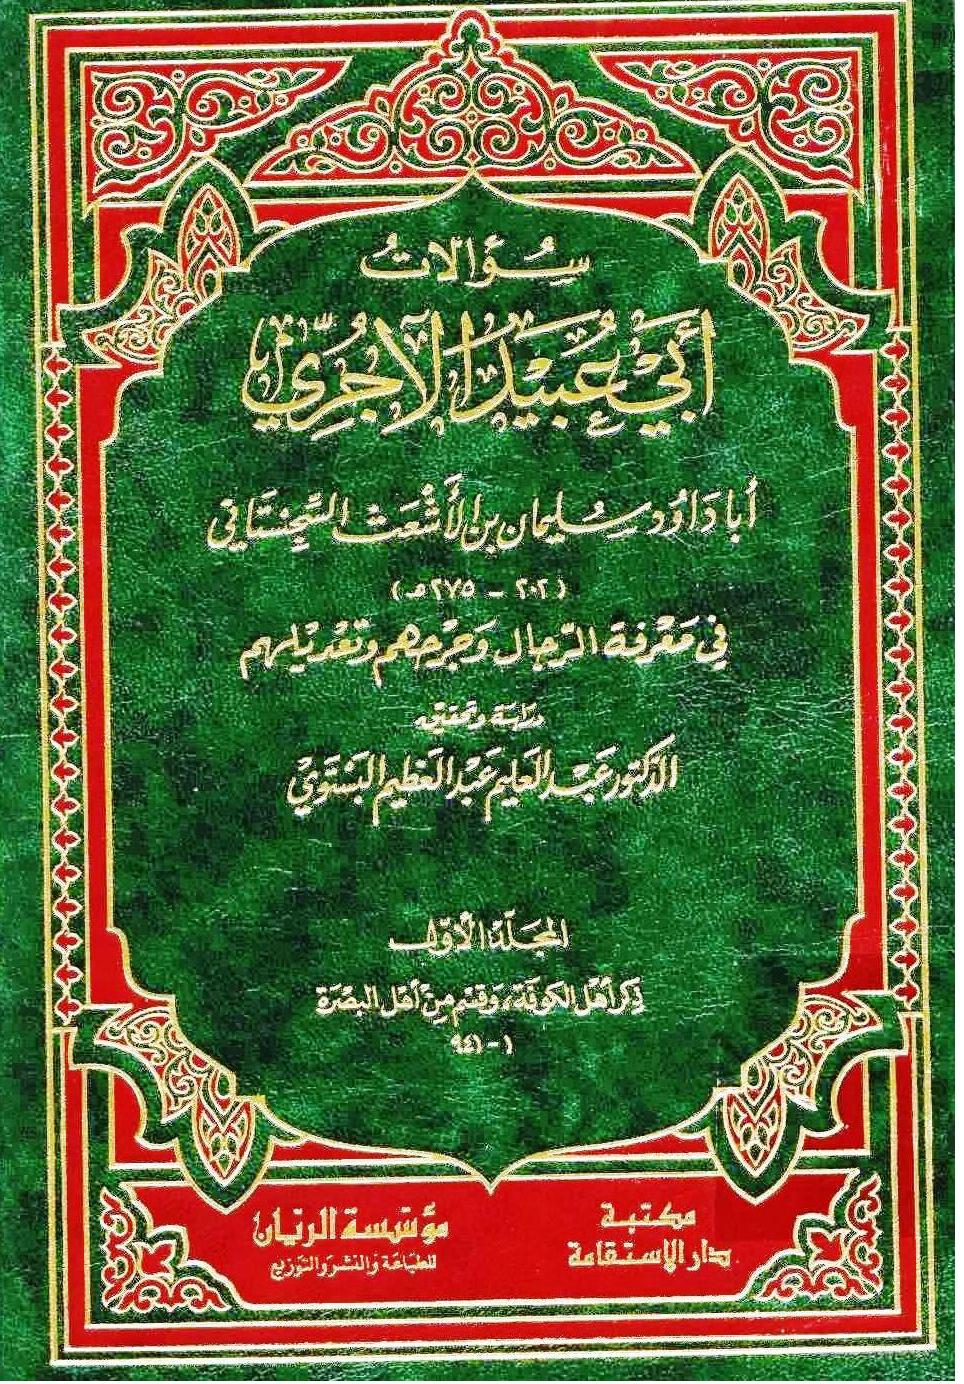 Sawalat-e-Ajari.png